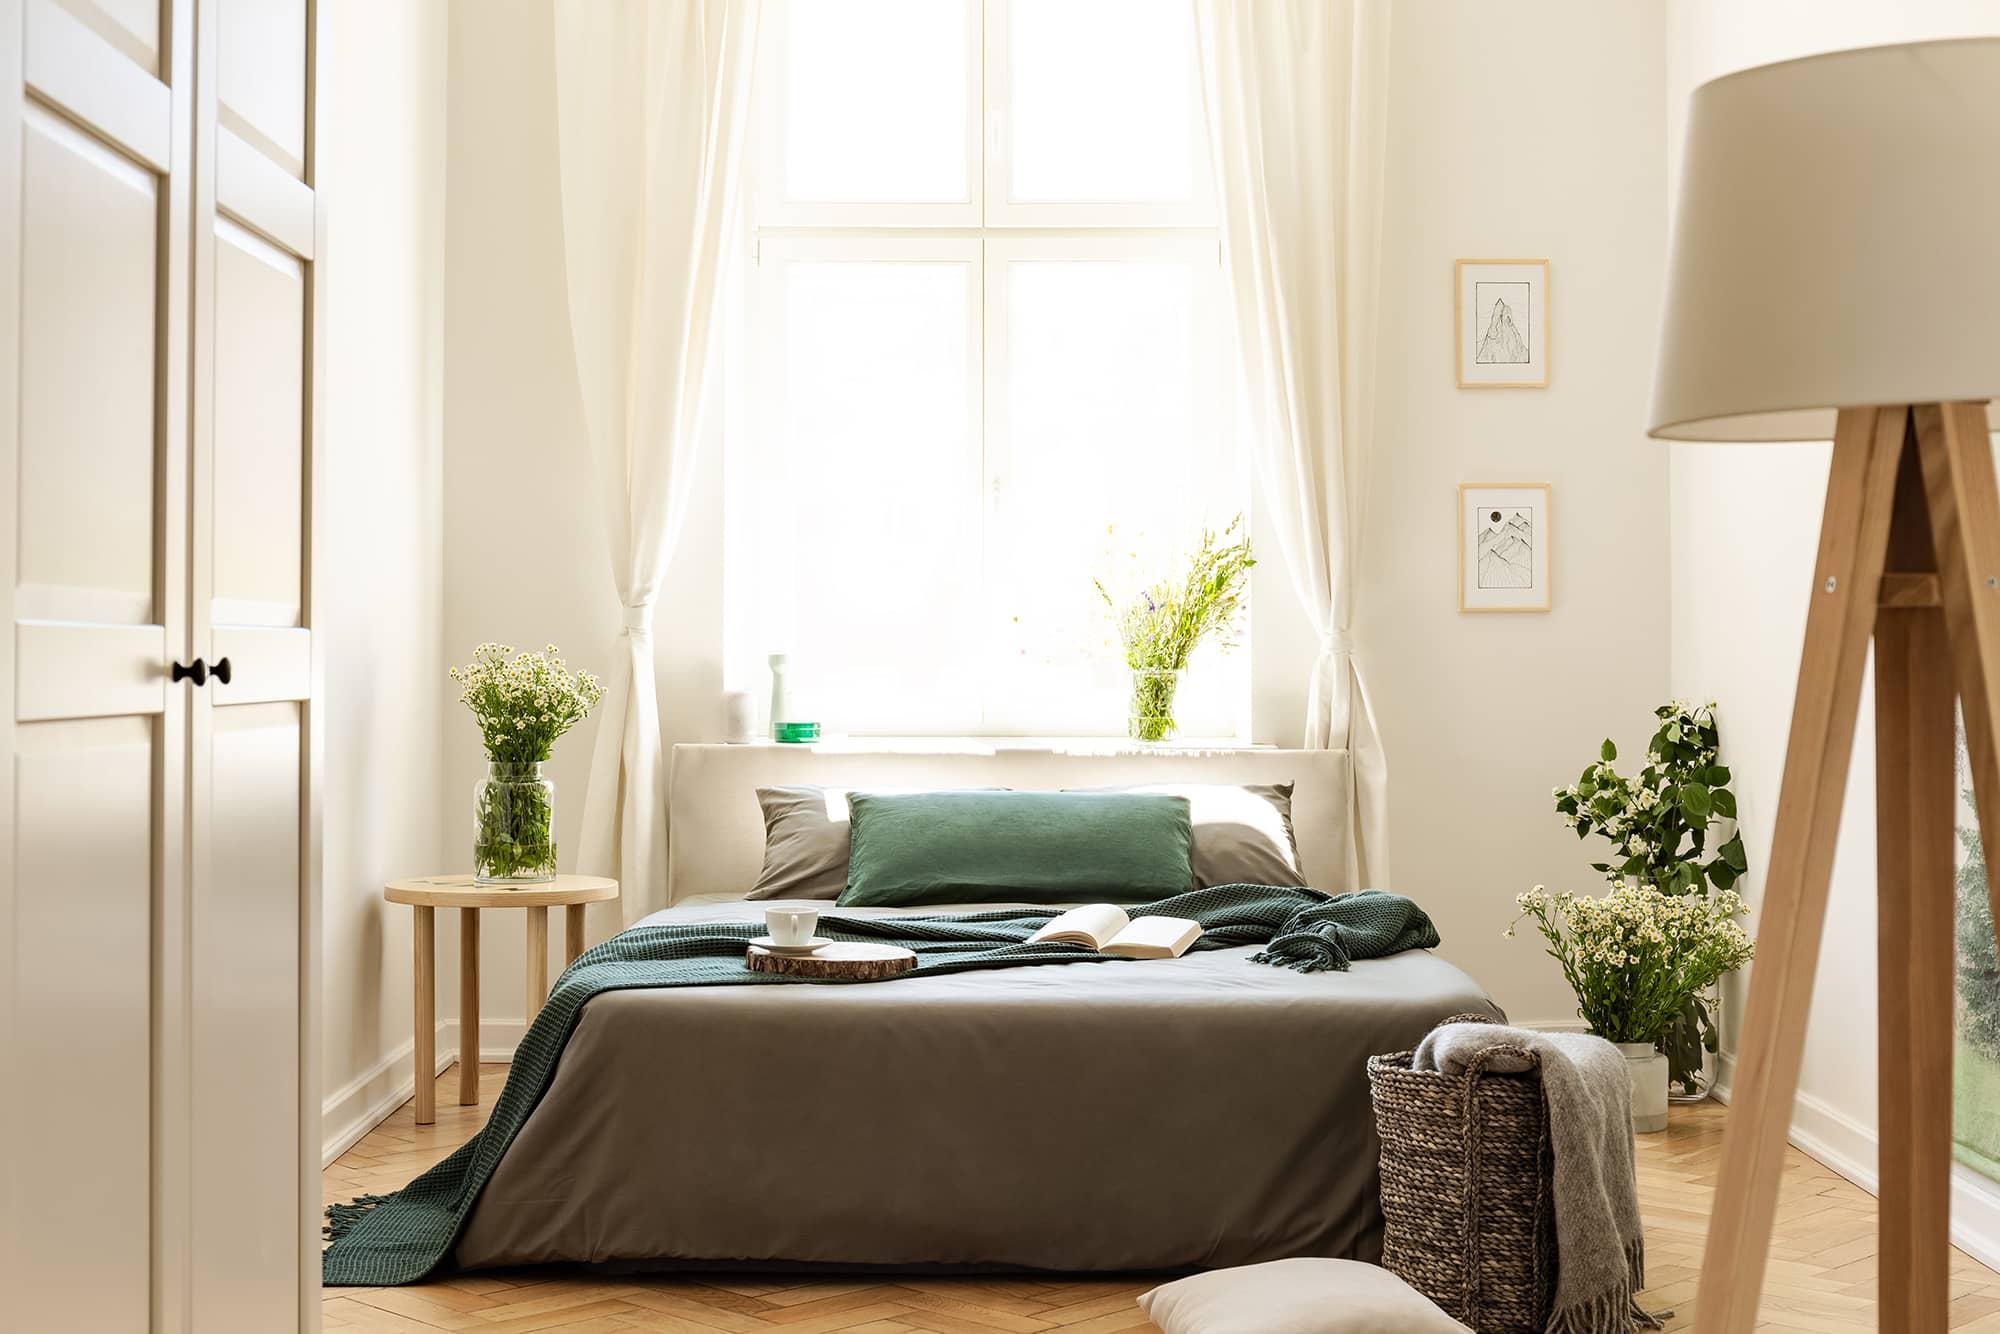 camera da letto matrimoniale verde con oggetti verde salvia